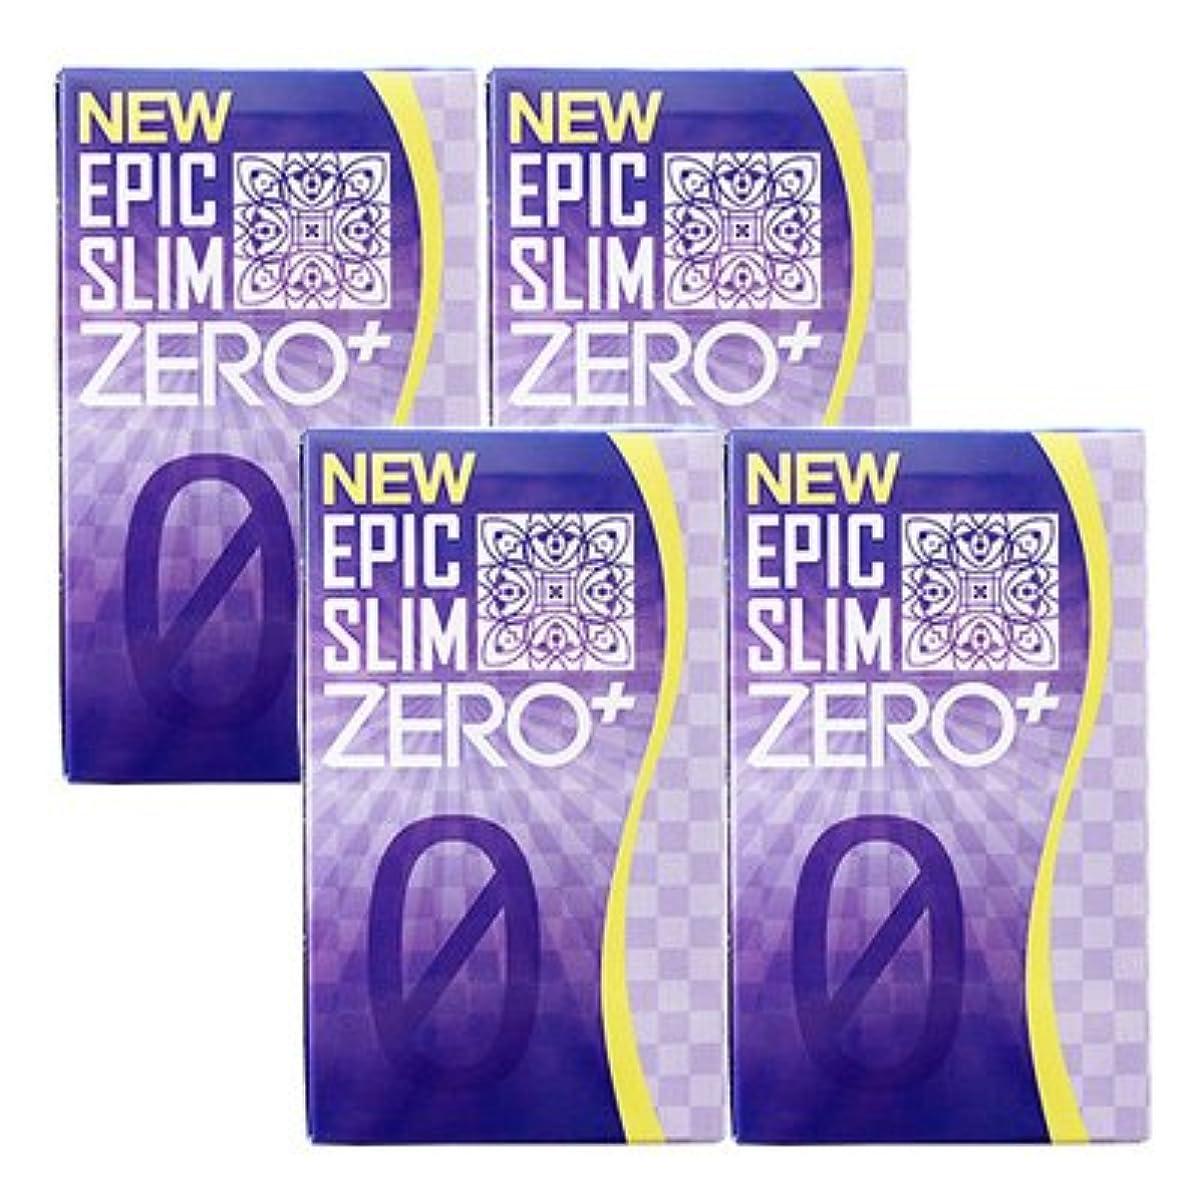 獣練習した生活NEW エピックスリム ゼロ+ 4個セット NEW Epic Slim ZERO PLUS